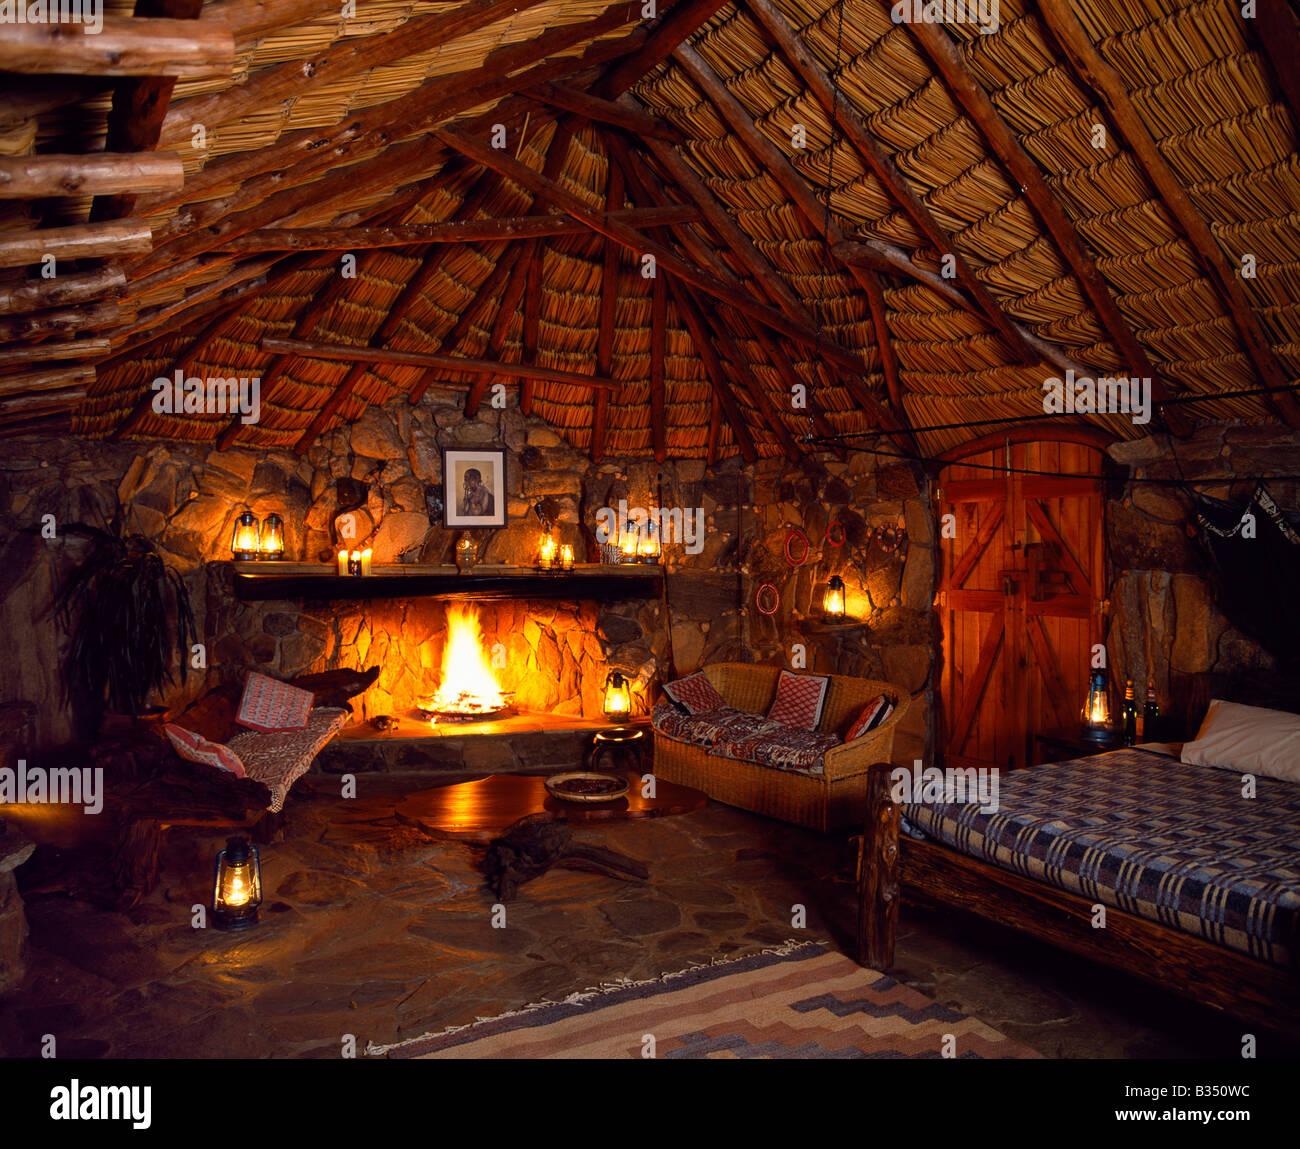 Kenia Laikipia Schlafzimmer Im Sabuk Durch Laternen Kerzen In Der Nacht Beleuchtet Stockfotografie Alamy